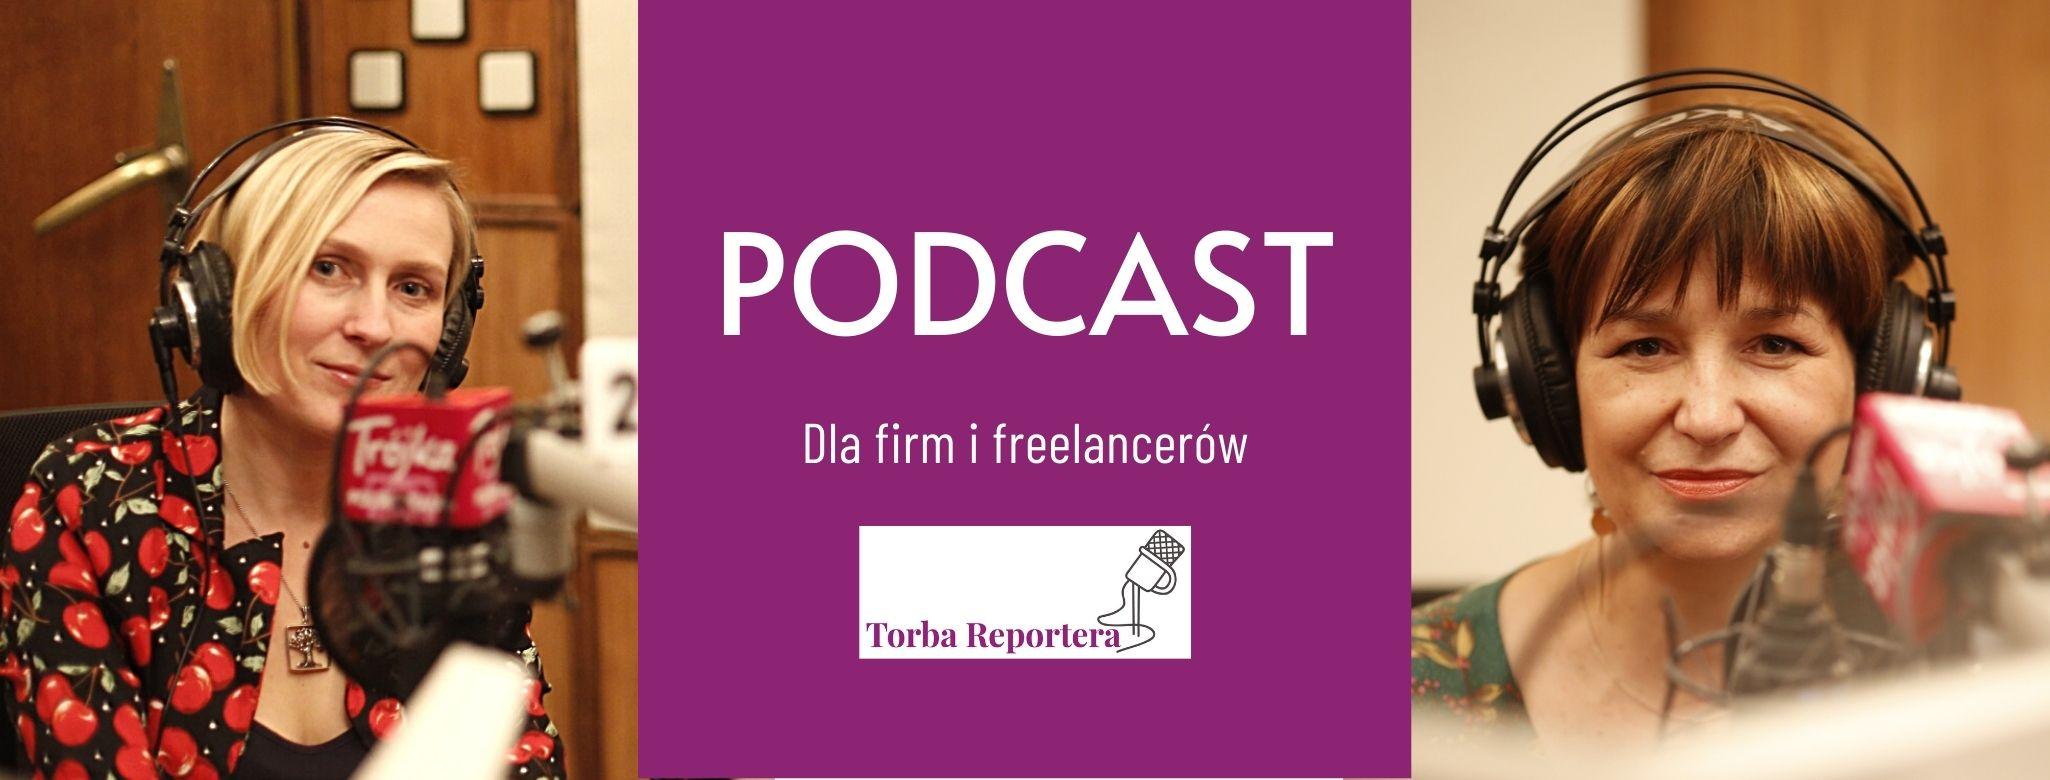 podcast dla firm